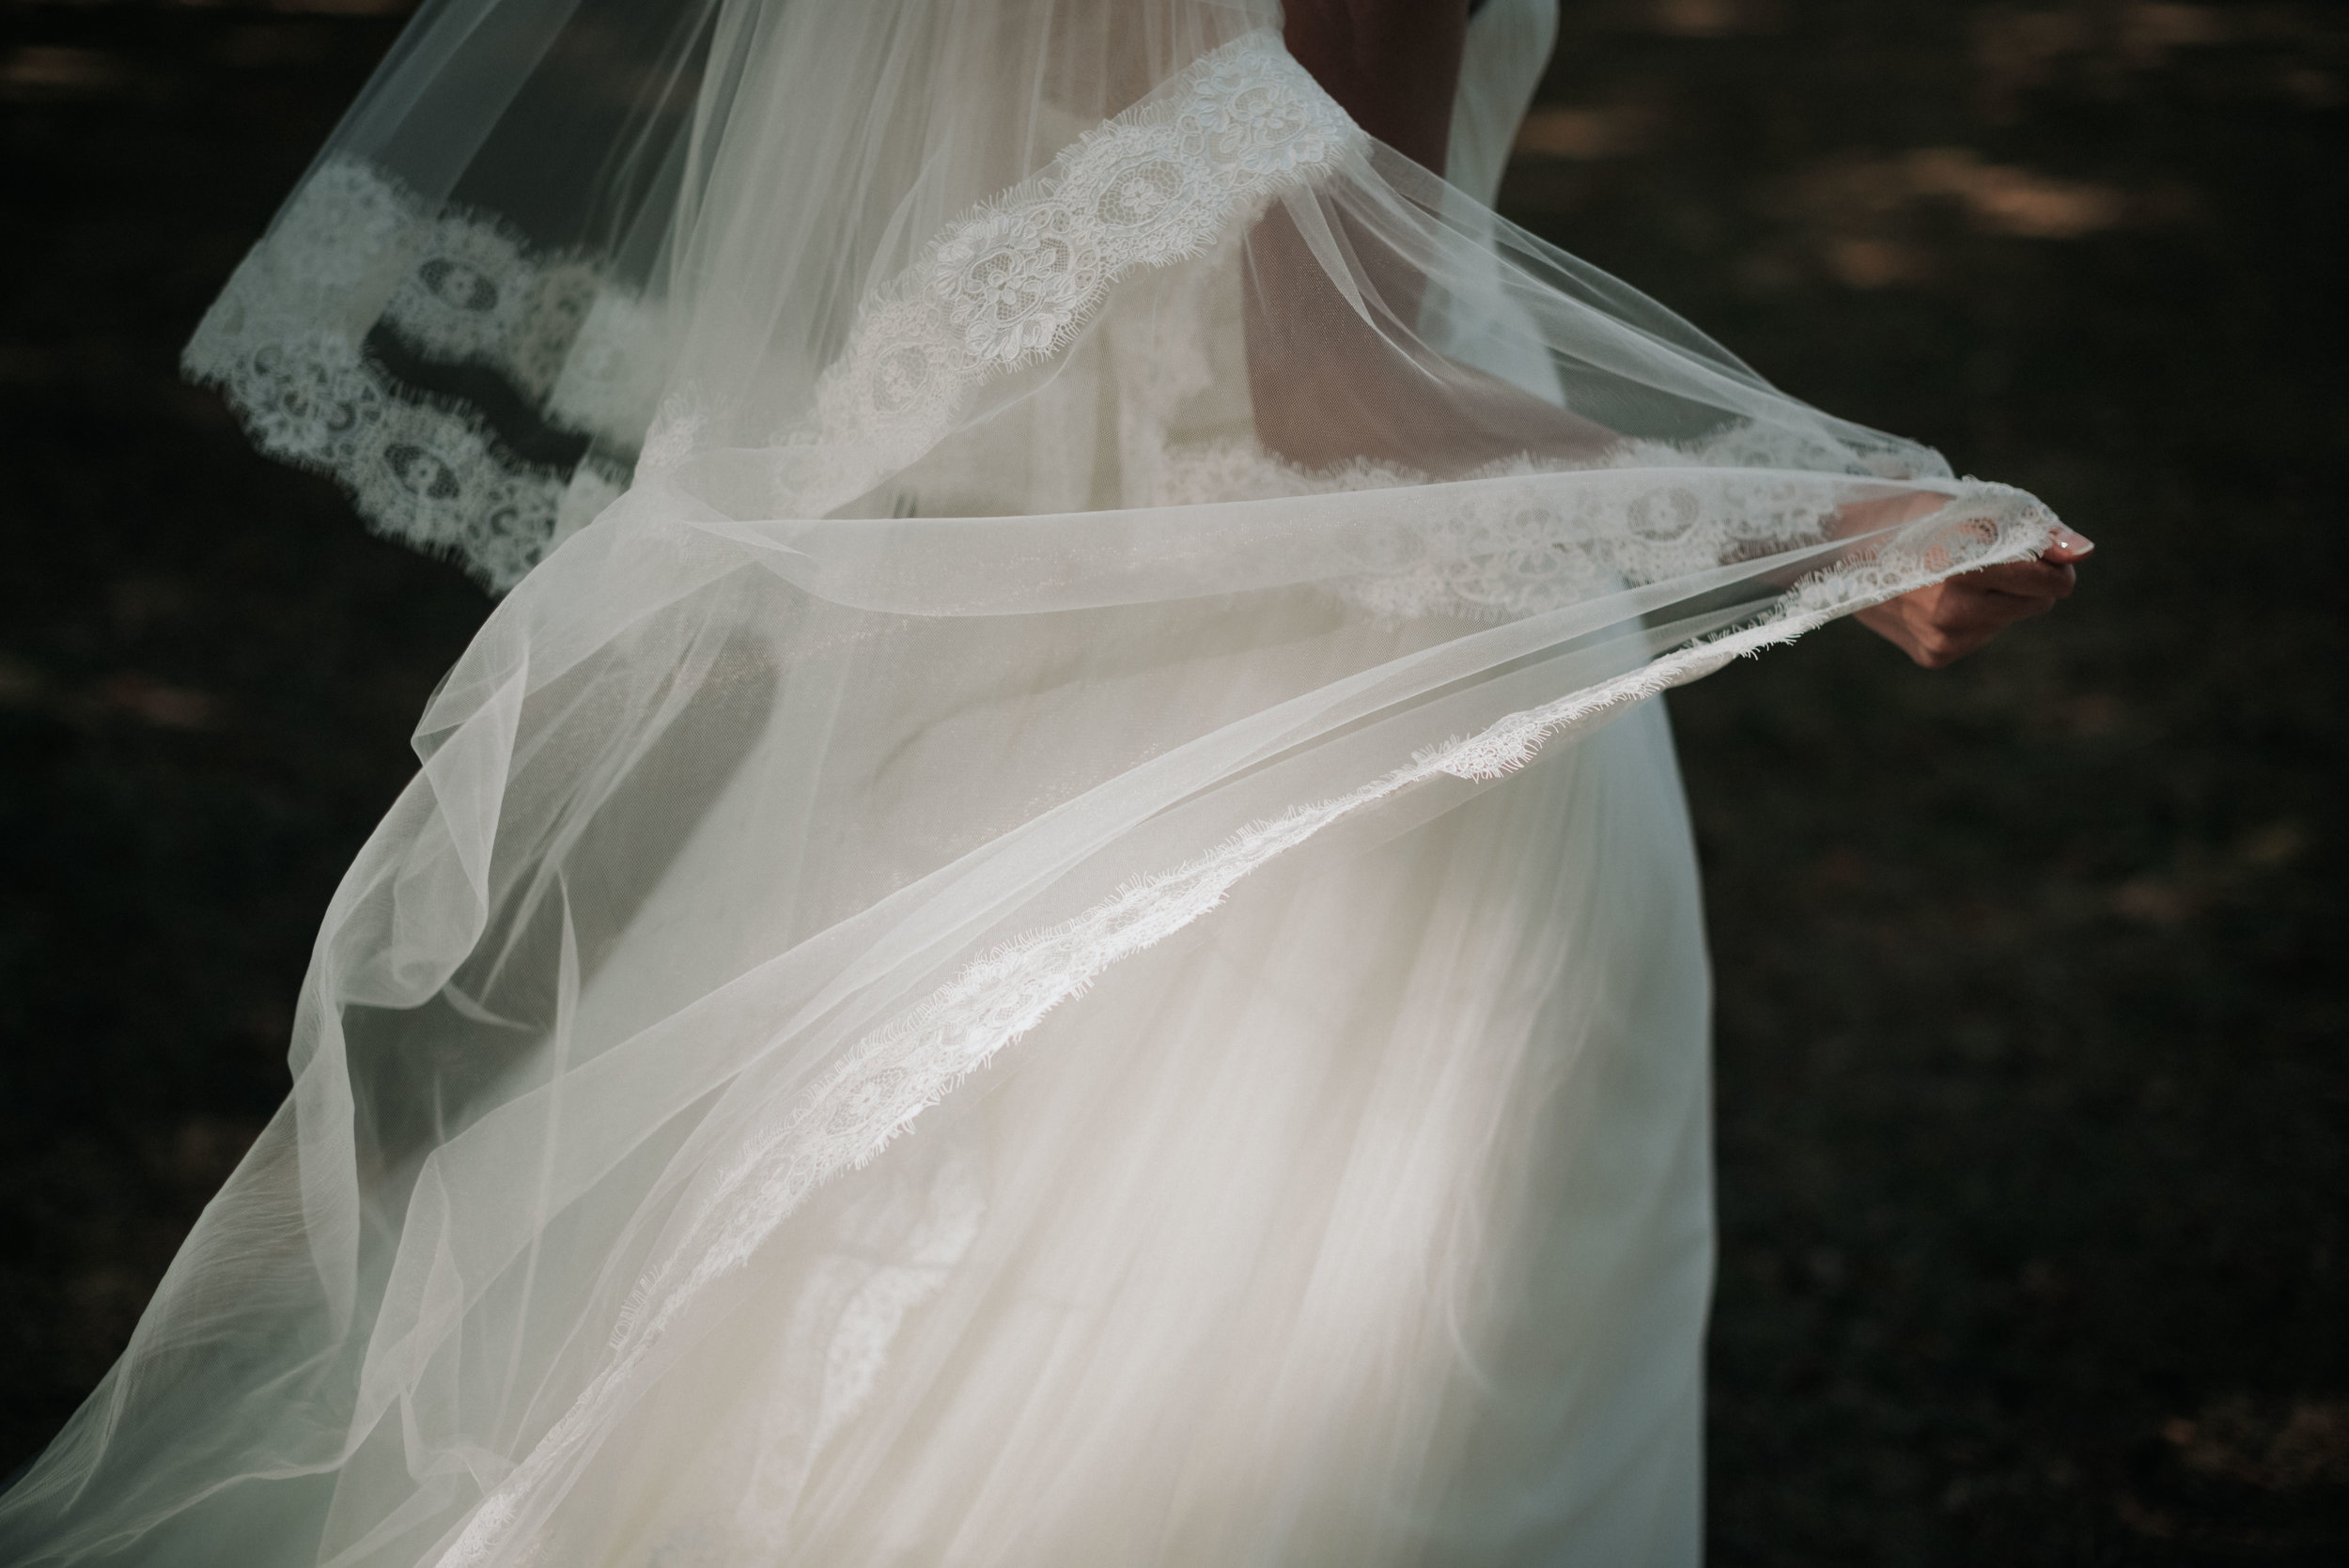 Léa-Fery-photographe-professionnel-lyon-rhone-alpes-portrait-creation-mariage-evenement-evenementiel-famille-8508.jpg